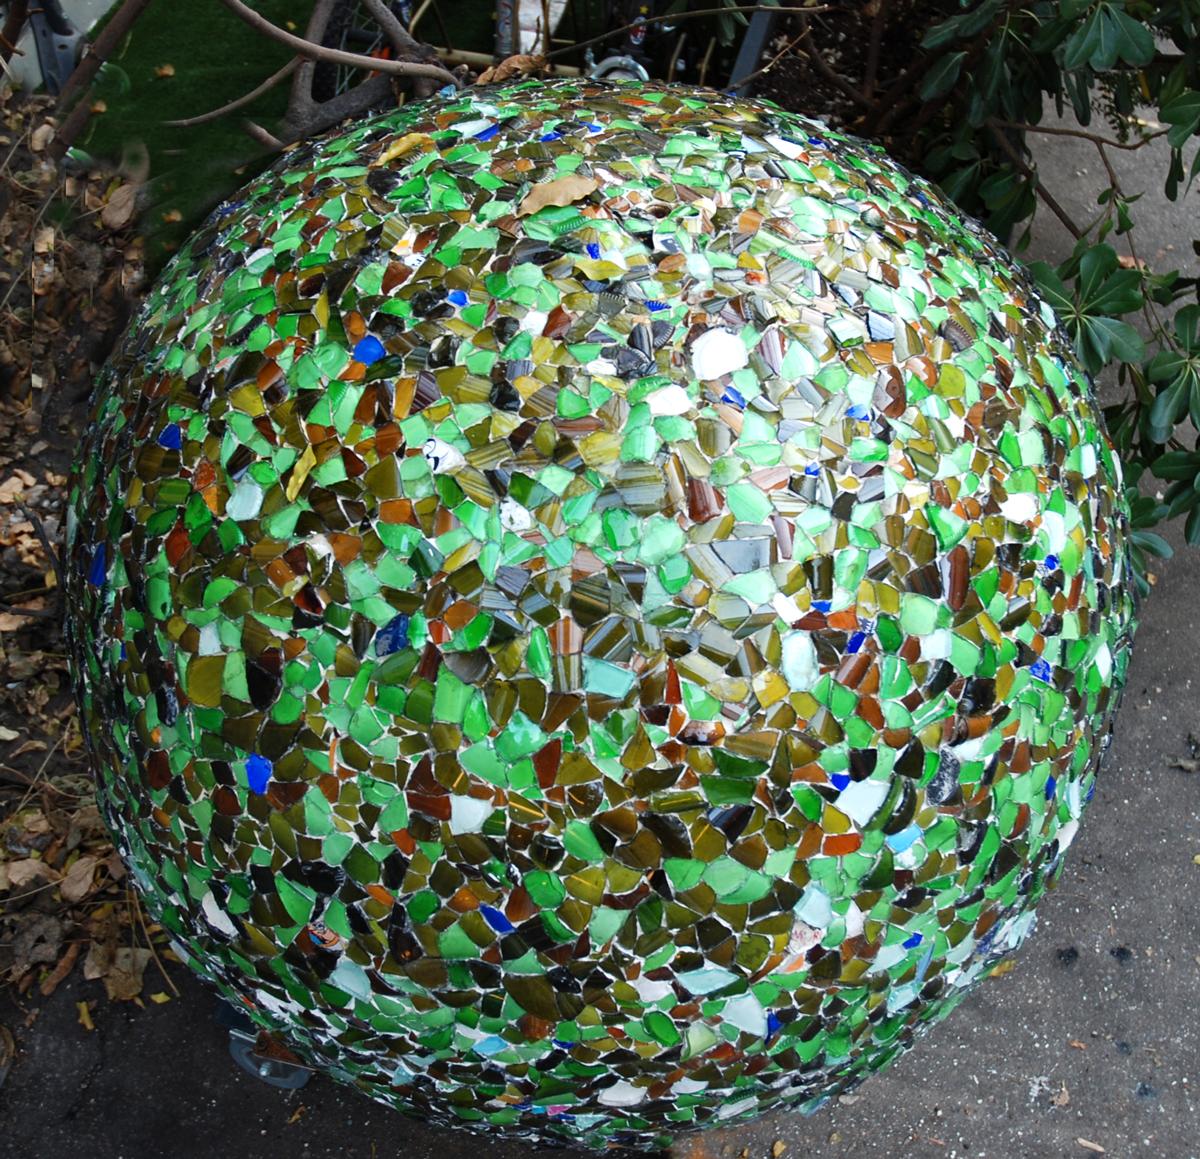 Caterina Aicardi, opere, scultura, natura, art, scultura, molecola, vetro, glass, cemento, sfera, palla, verde